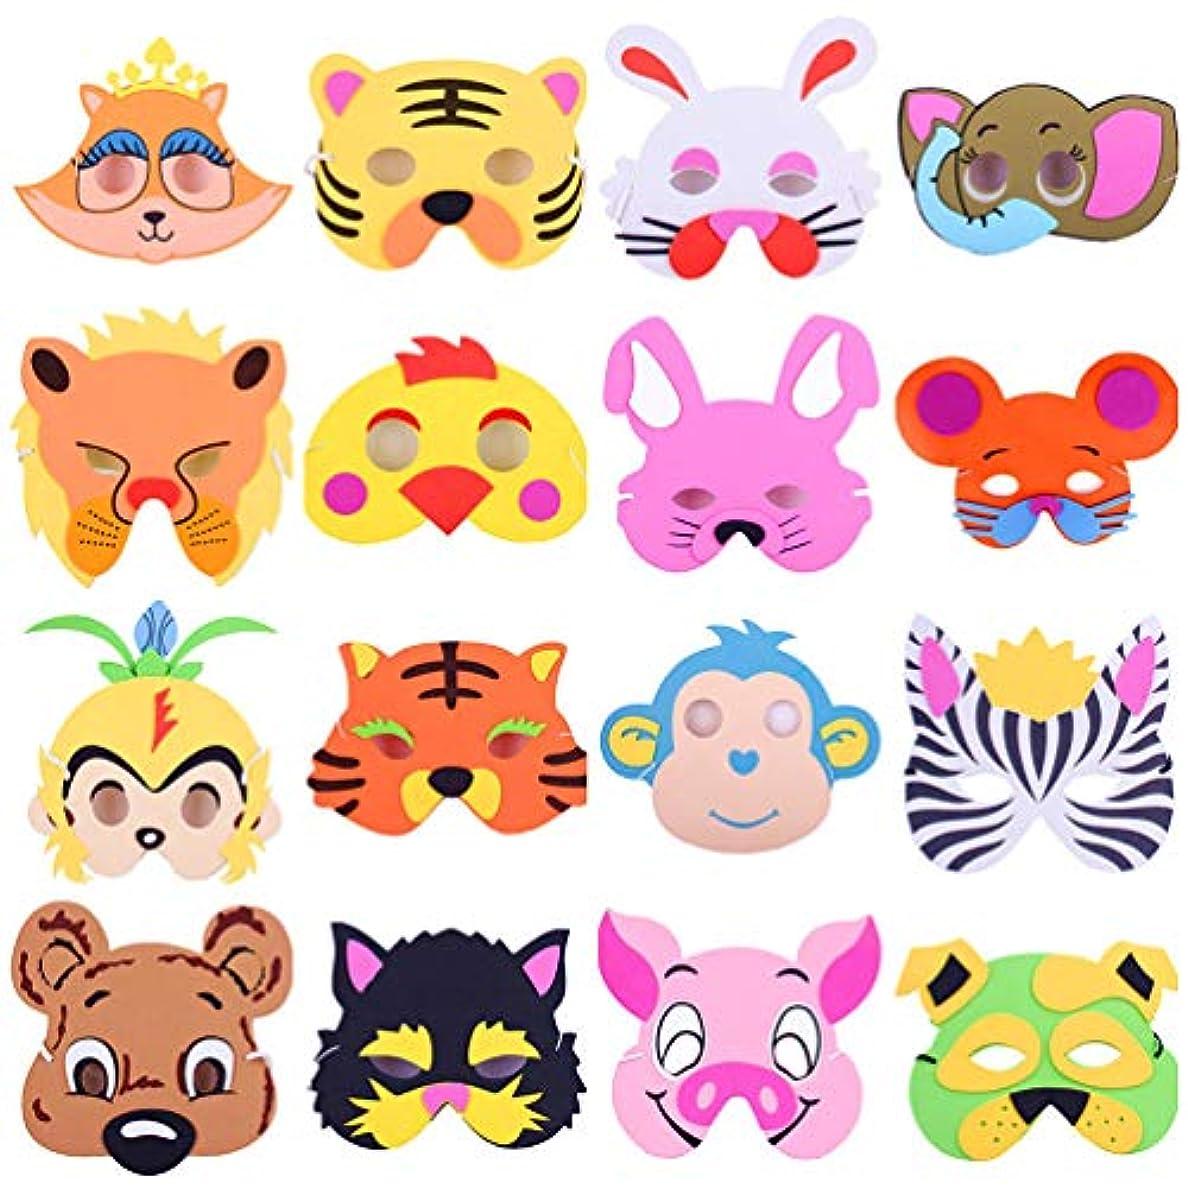 ジム宙返り学士NUOBESTY フェイスマスクかわいい装飾evaクリエイティブ漫画面白いマスク動物マスクセットプロップマスク用キッズ大人16ピース